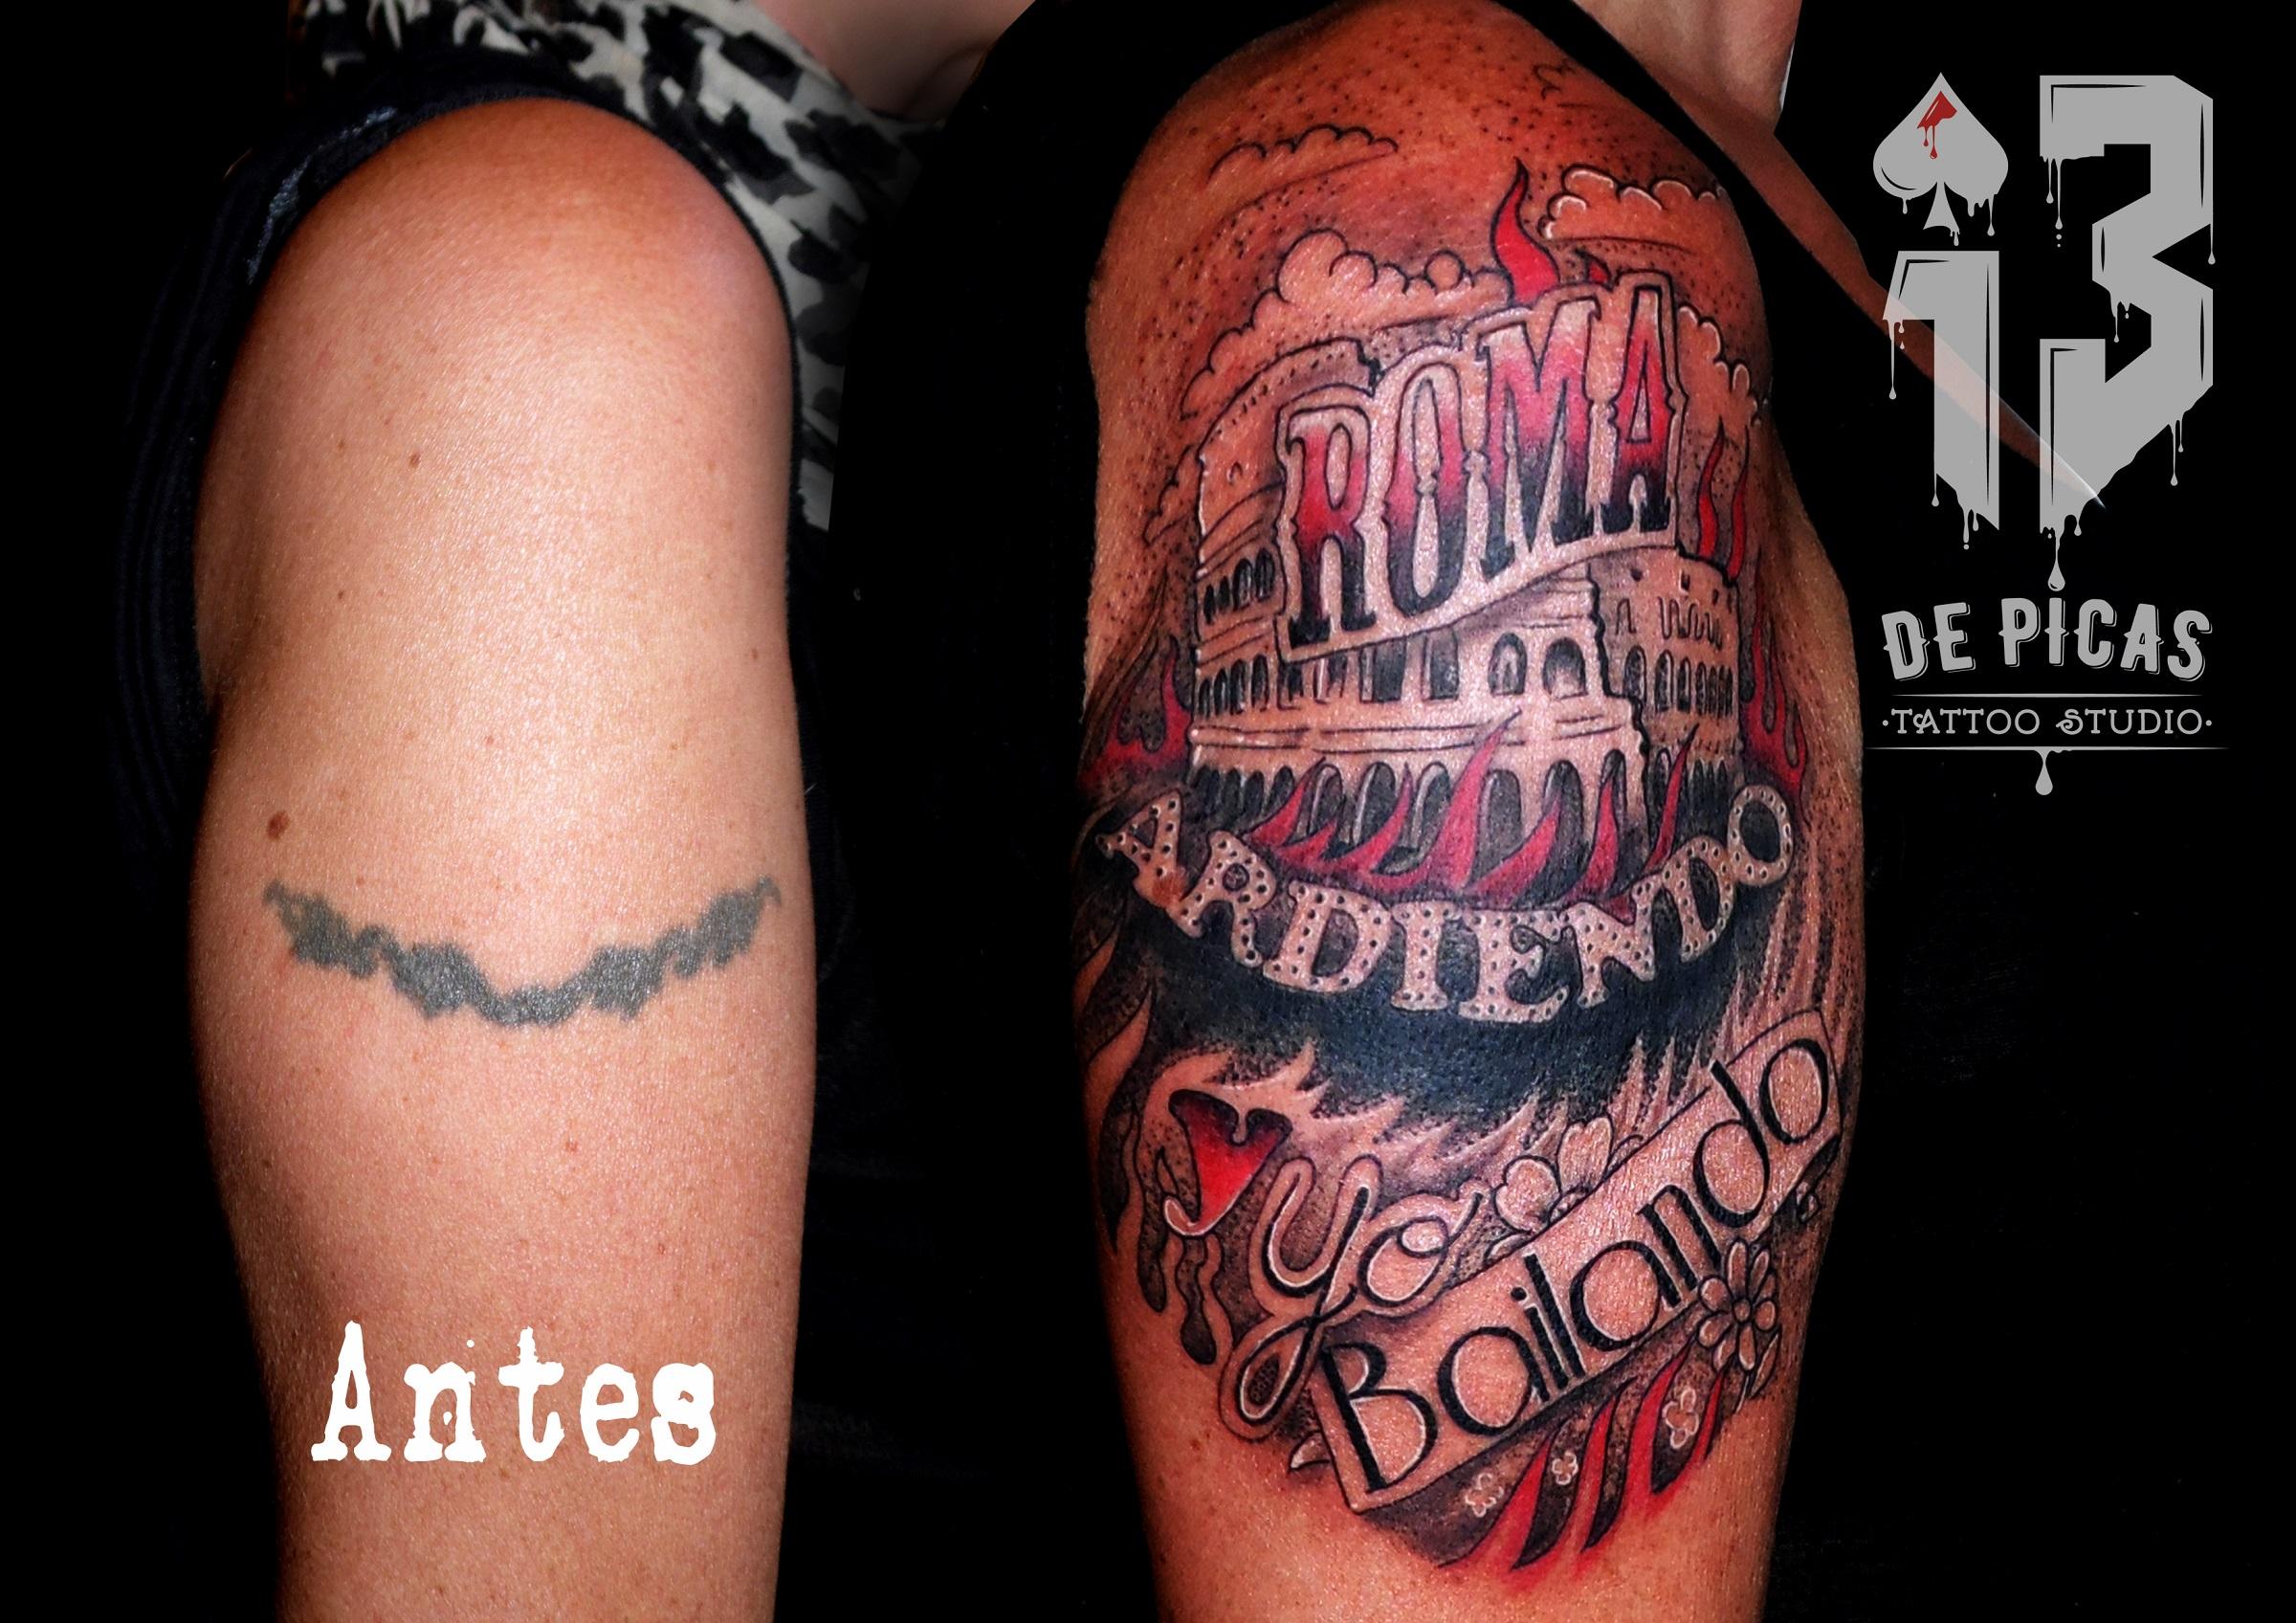 tatuaje tattoo cover coliseo roma llamas fuego brazo color lettering jaca 13depicas huesca